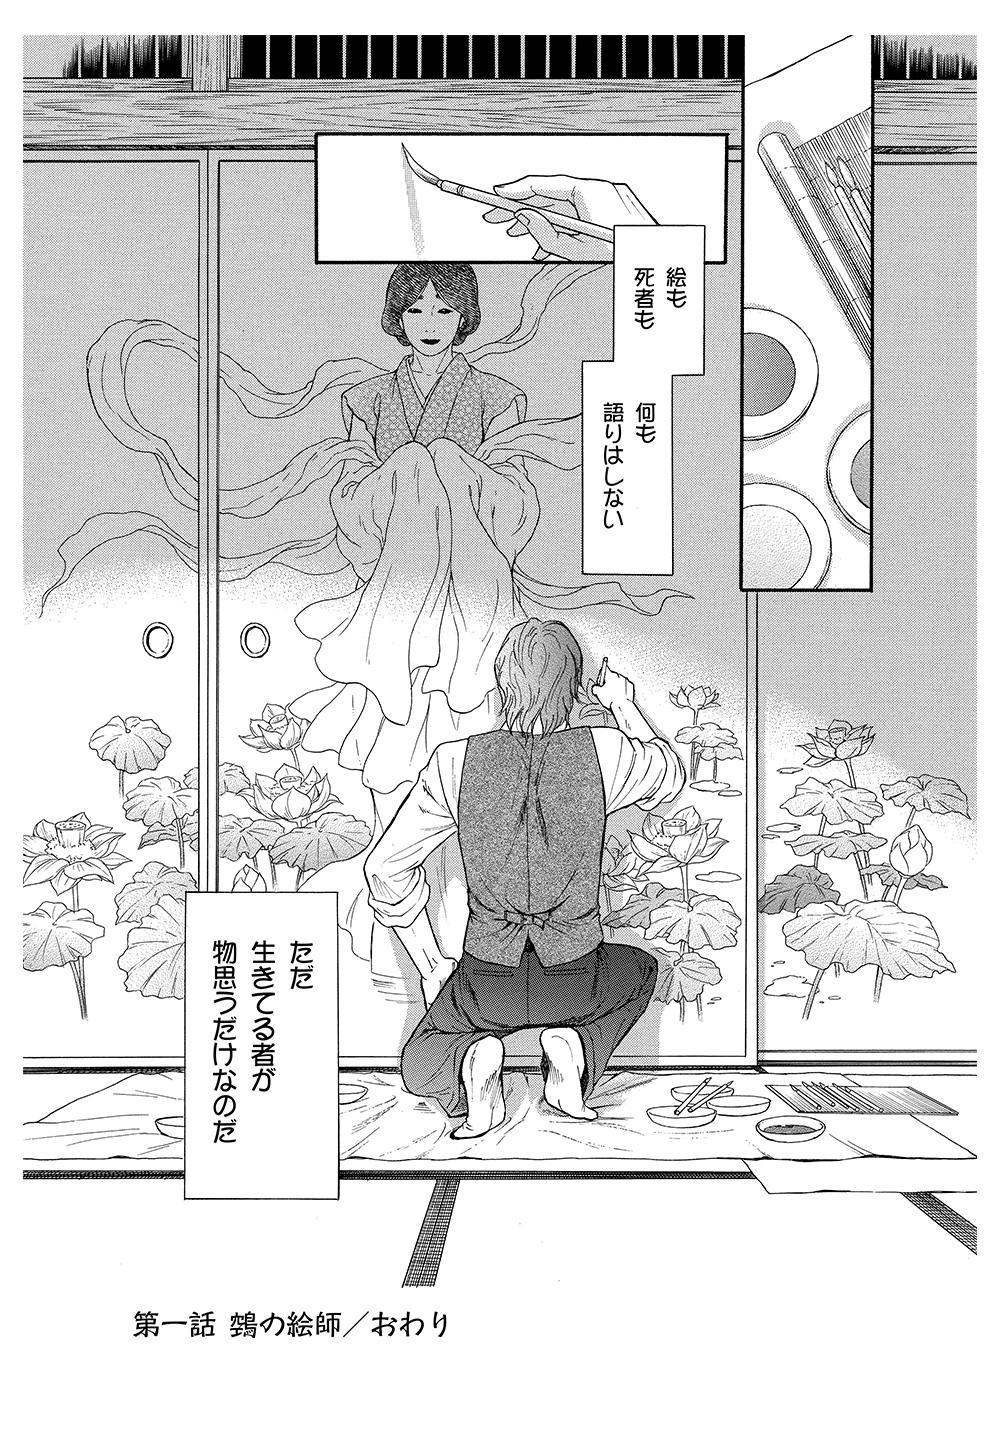 鵼の絵師 第1話「鵼の絵師」②nue-1-28.jpg